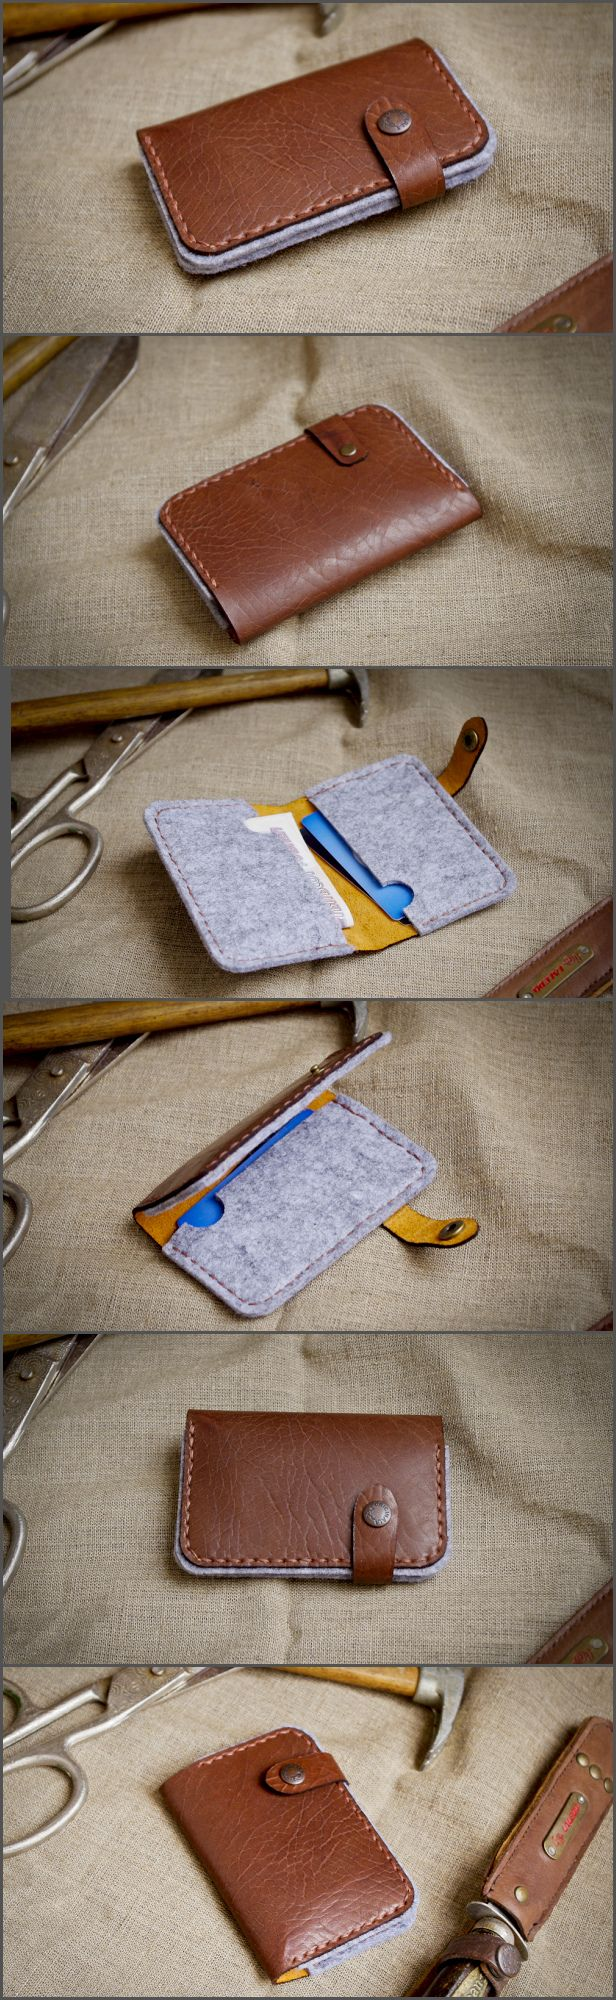 Визитница - картхолдер и по совместительству маленький кошелечек. Сделан в комбинации натуральной кожи и плотного листового фетра. Очень оригинального исполнения. Такого тут больше нет!  Прошито вручную вощеной нитью толщиной 1 мм.  Могу также сделать других цветов.  Легко помещается в карман рубашки или джинсов. Хорошая защита пластиковых карт, и защита от размагничивания! А так как фетр это те же валенки, ваши карты всегда будут в тепле и никогда не заглючат!  Отличный подарок любимому…